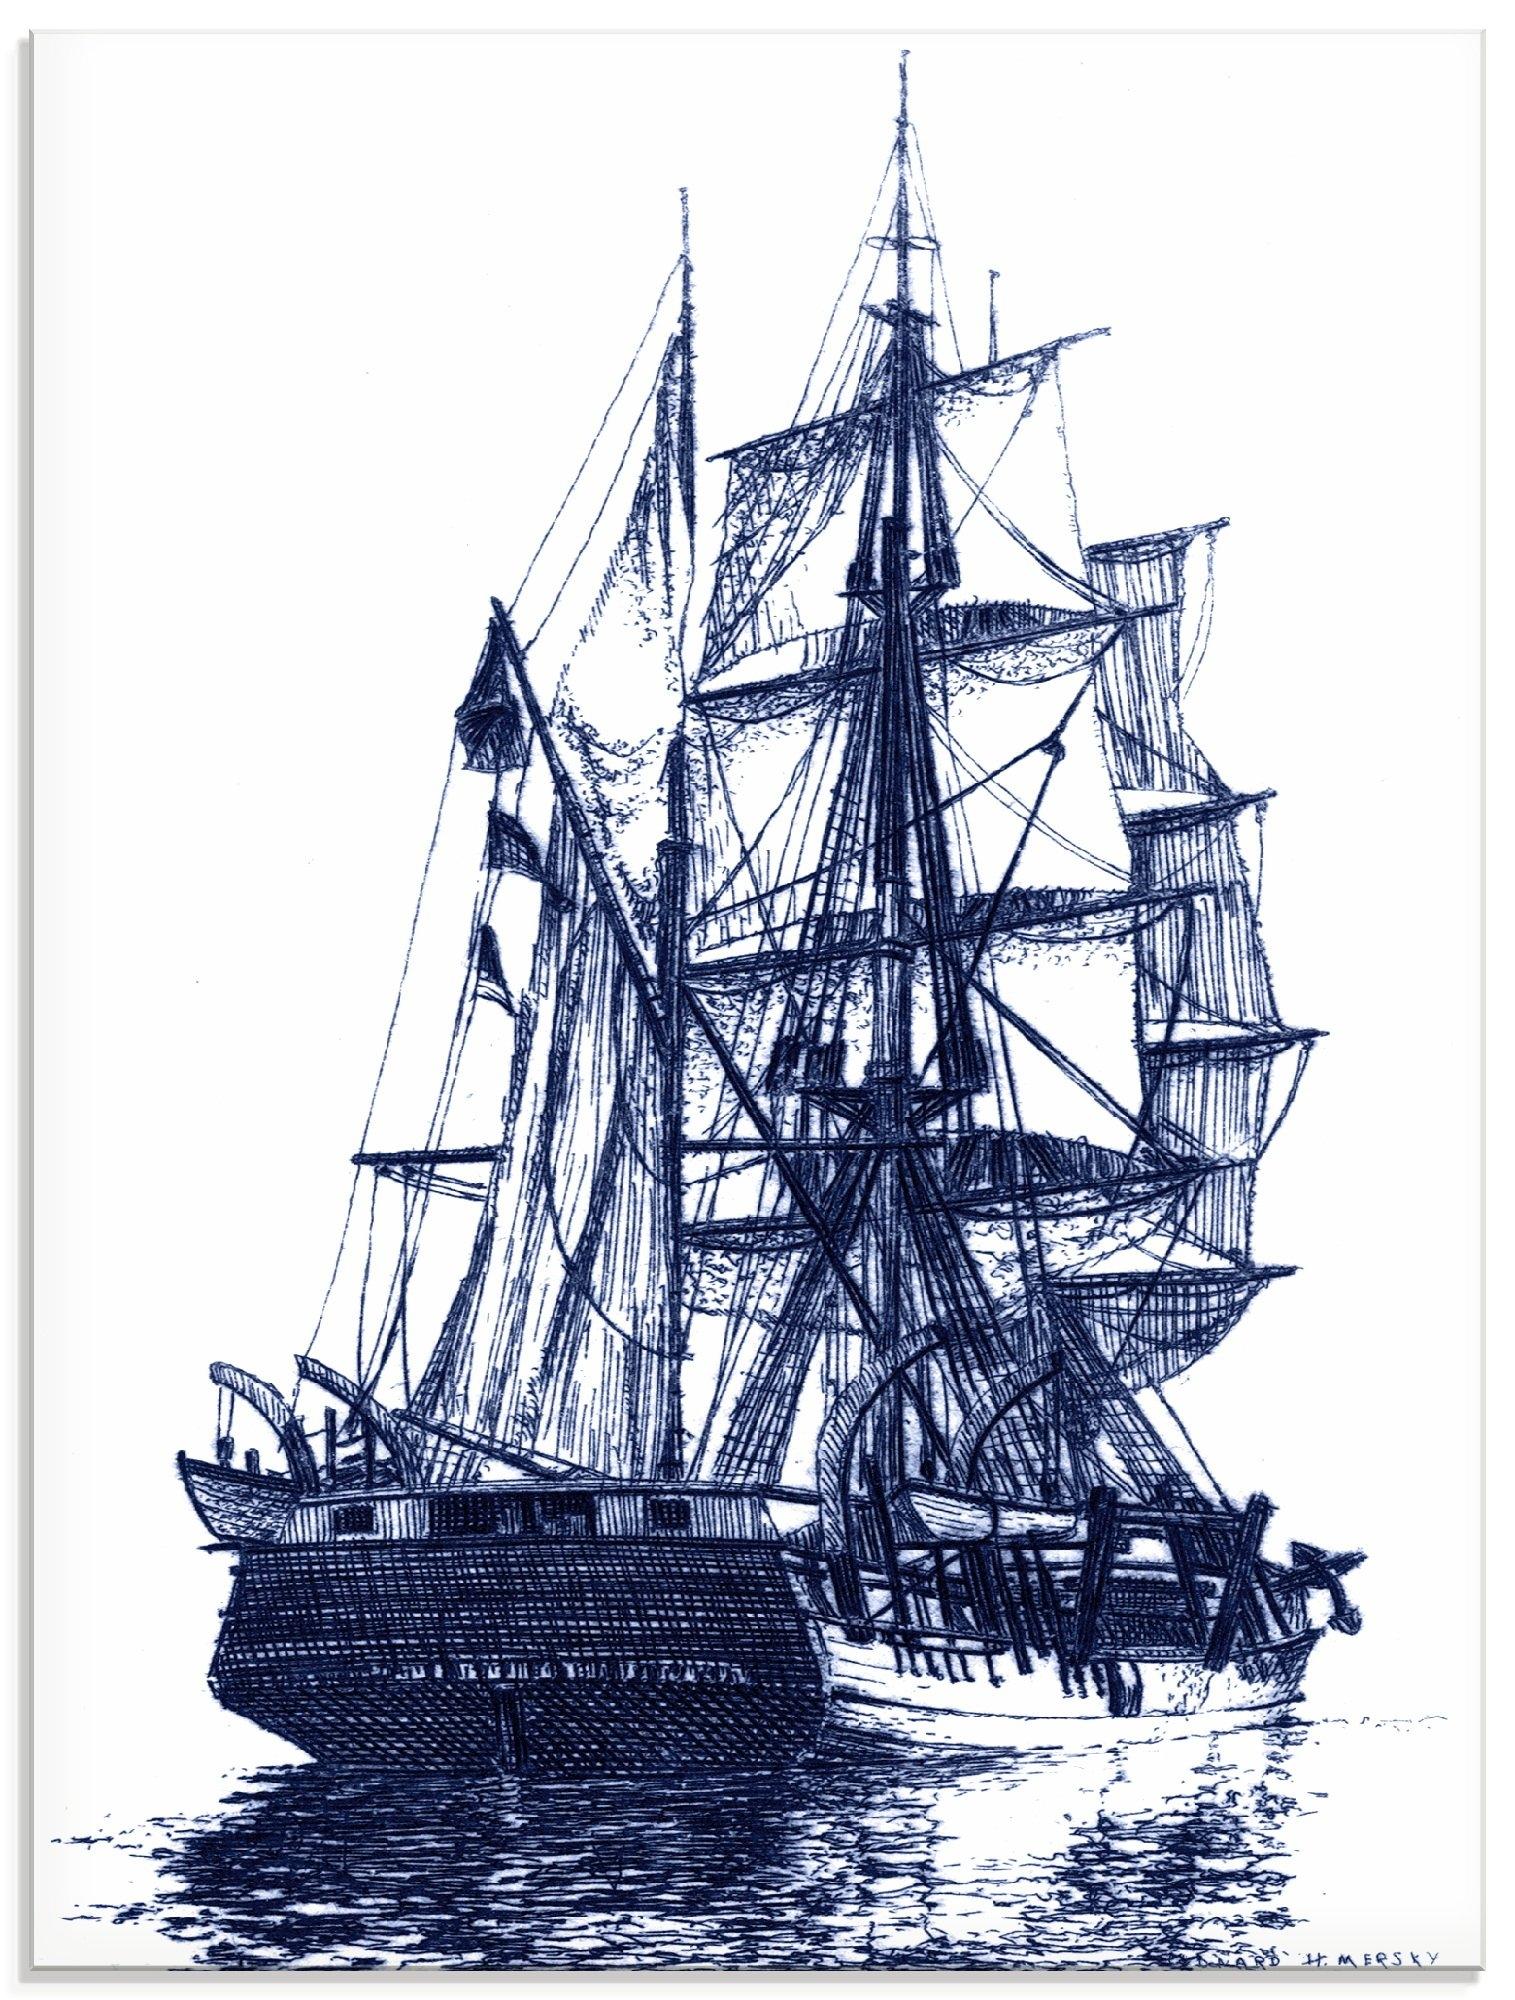 Artland print op glas Antieke boot in blauw I (1 stuk) voordelig en veilig online kopen